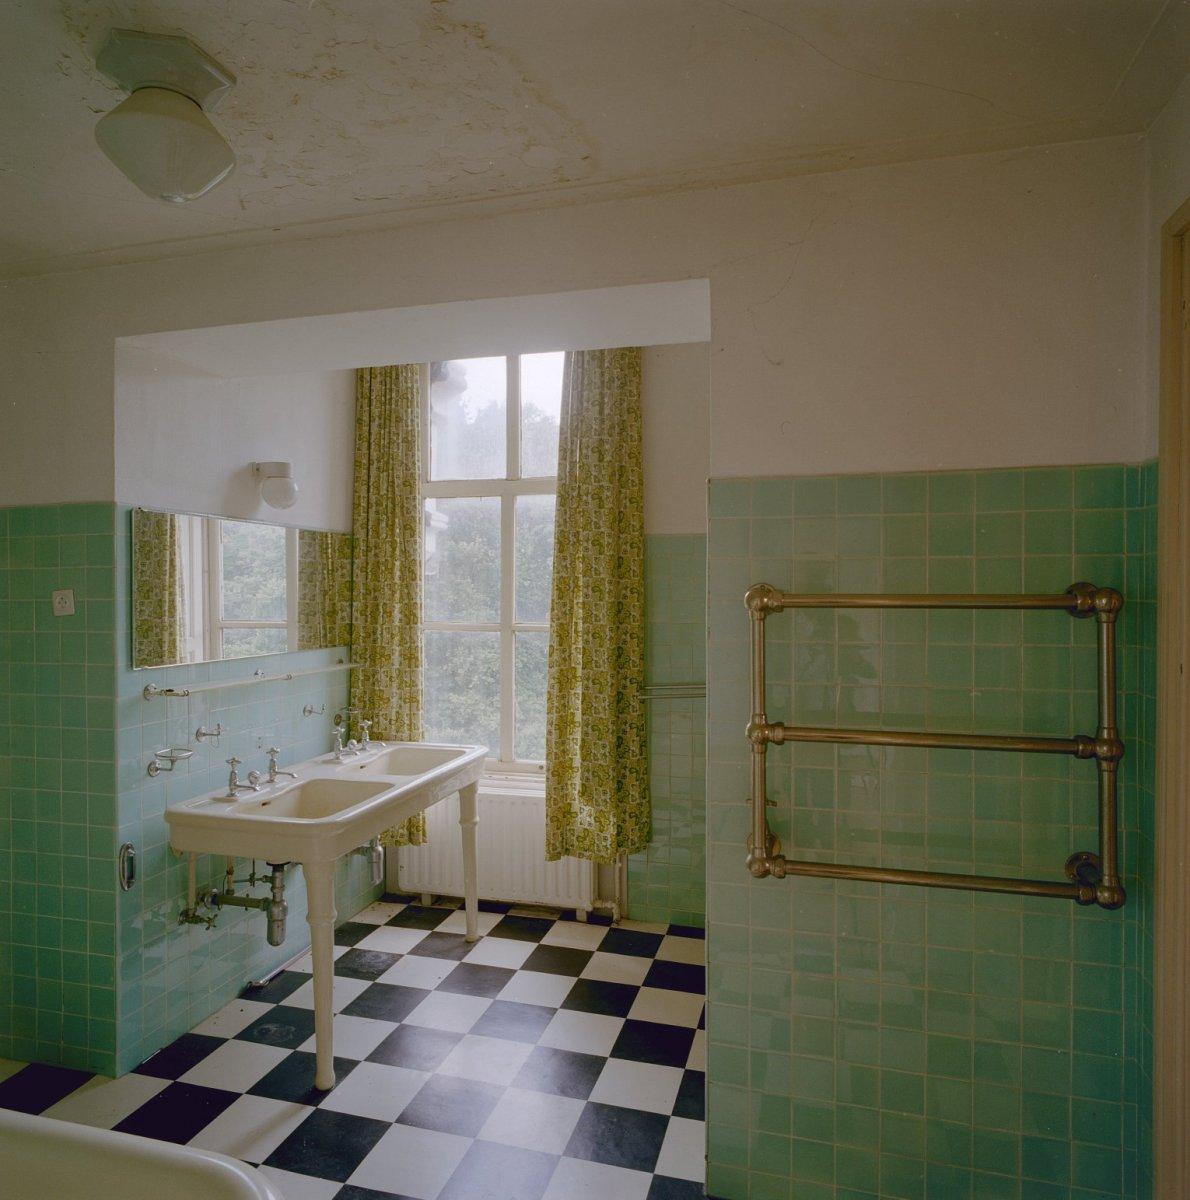 File Interieur, eertse verdieping, badkamer met groene glazuurtegels, dubbele wasbak en